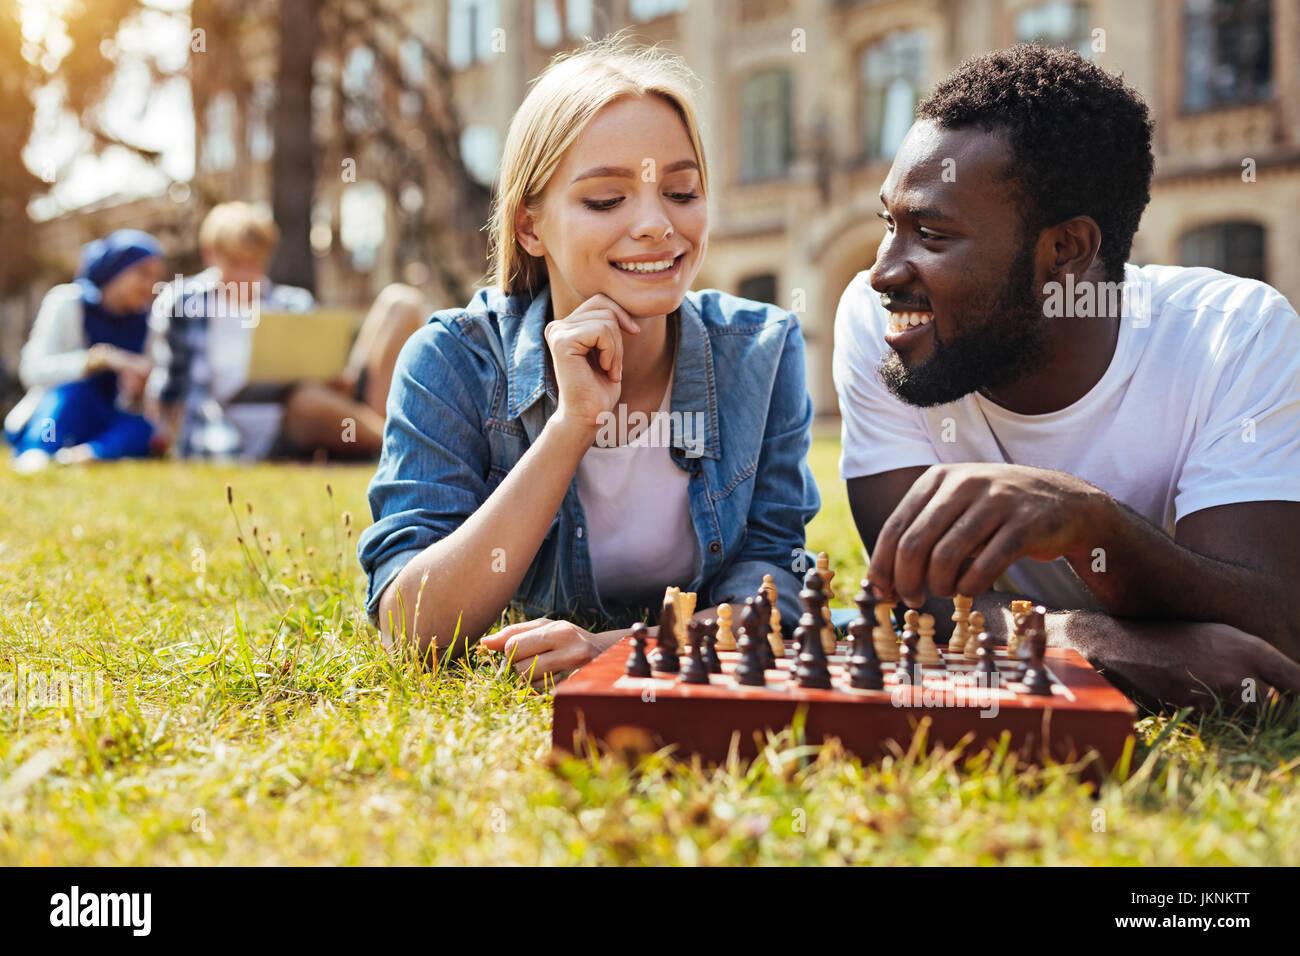 Pretty Woman positivo enseñarle a su amigo jugando ajedrez Imagen De Stock